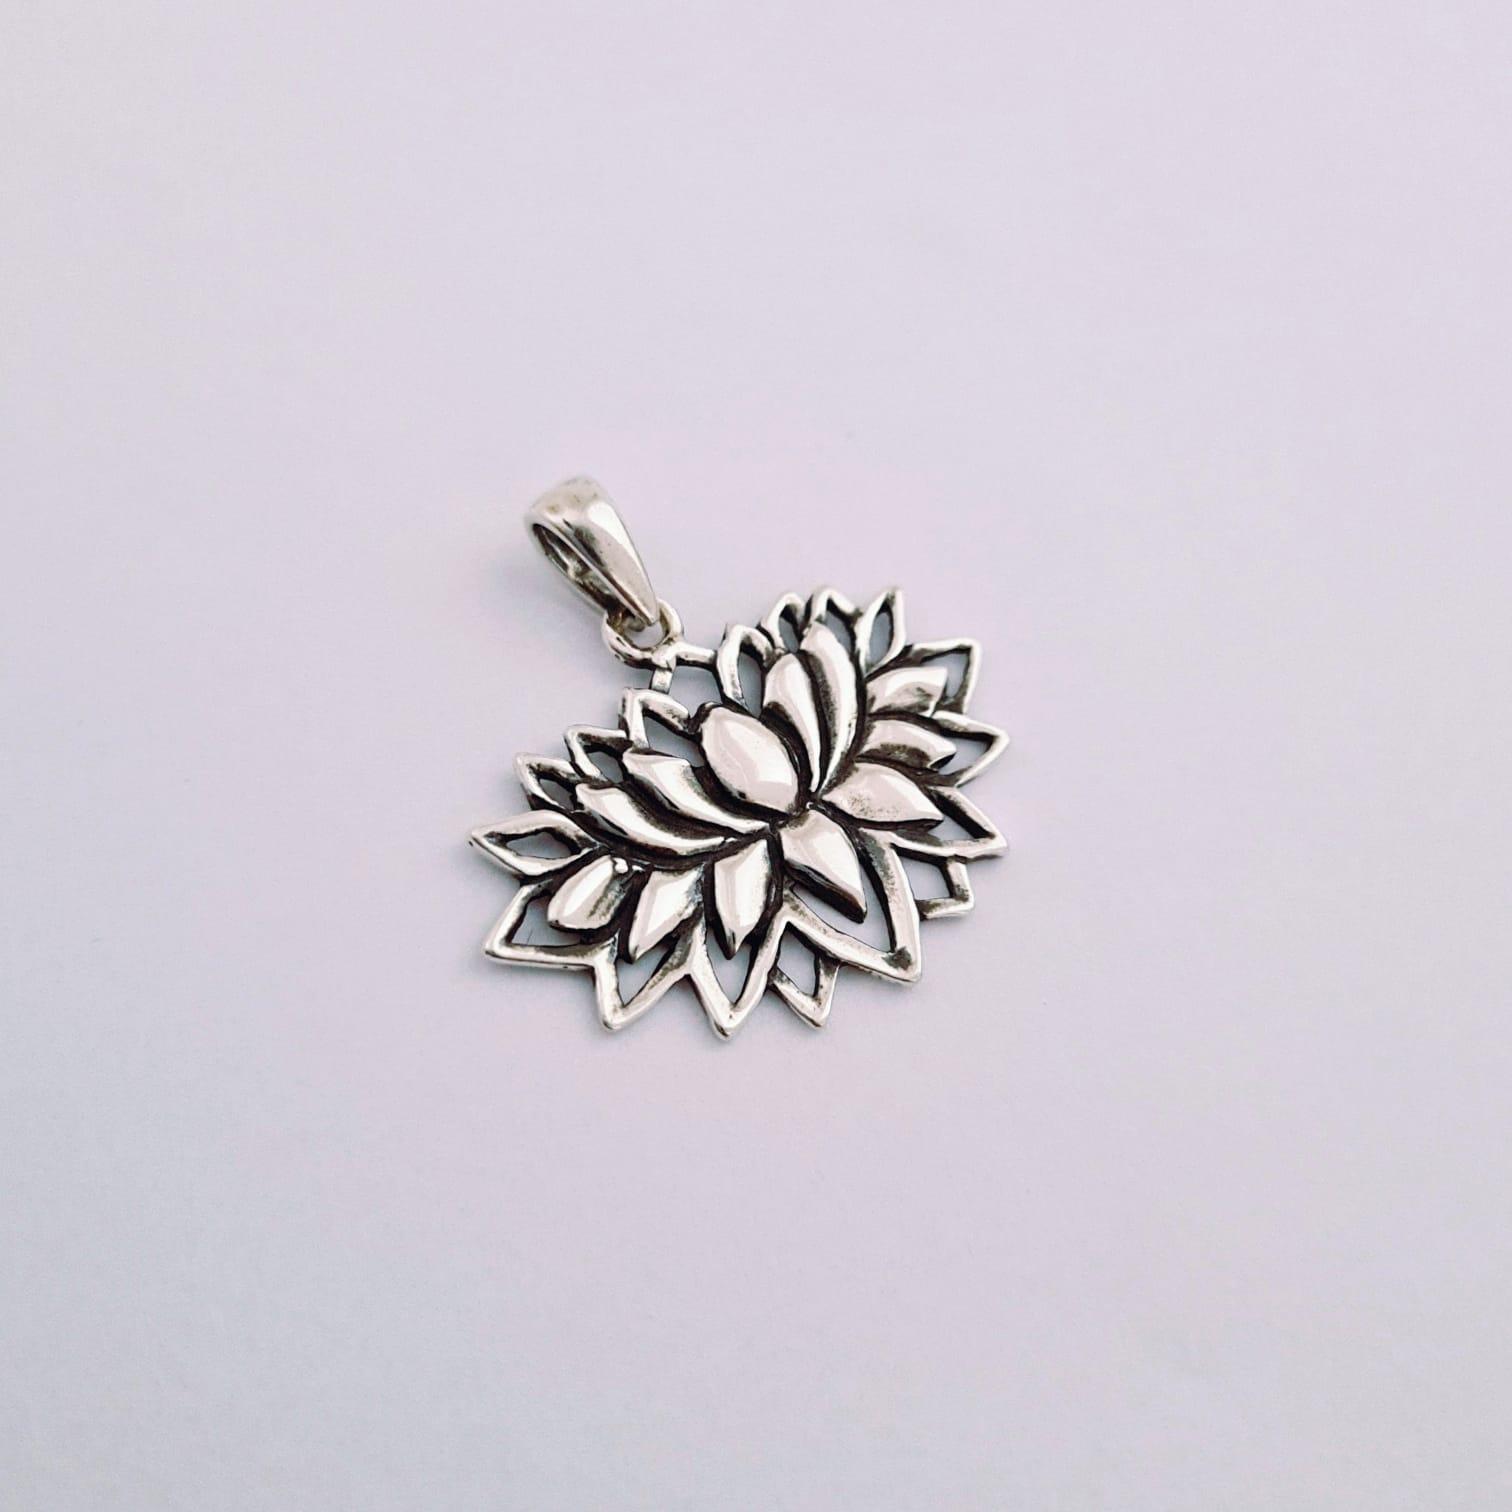 Pingente de Prata Flor de Lótus Vibes